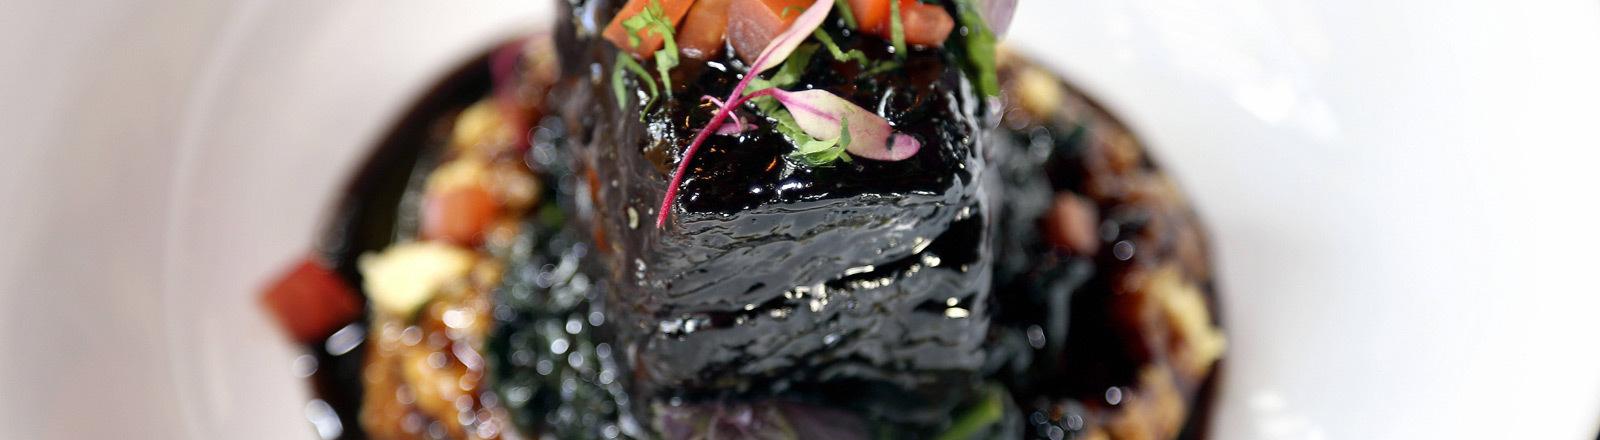 Ein Gericht mit Rotweinsoße